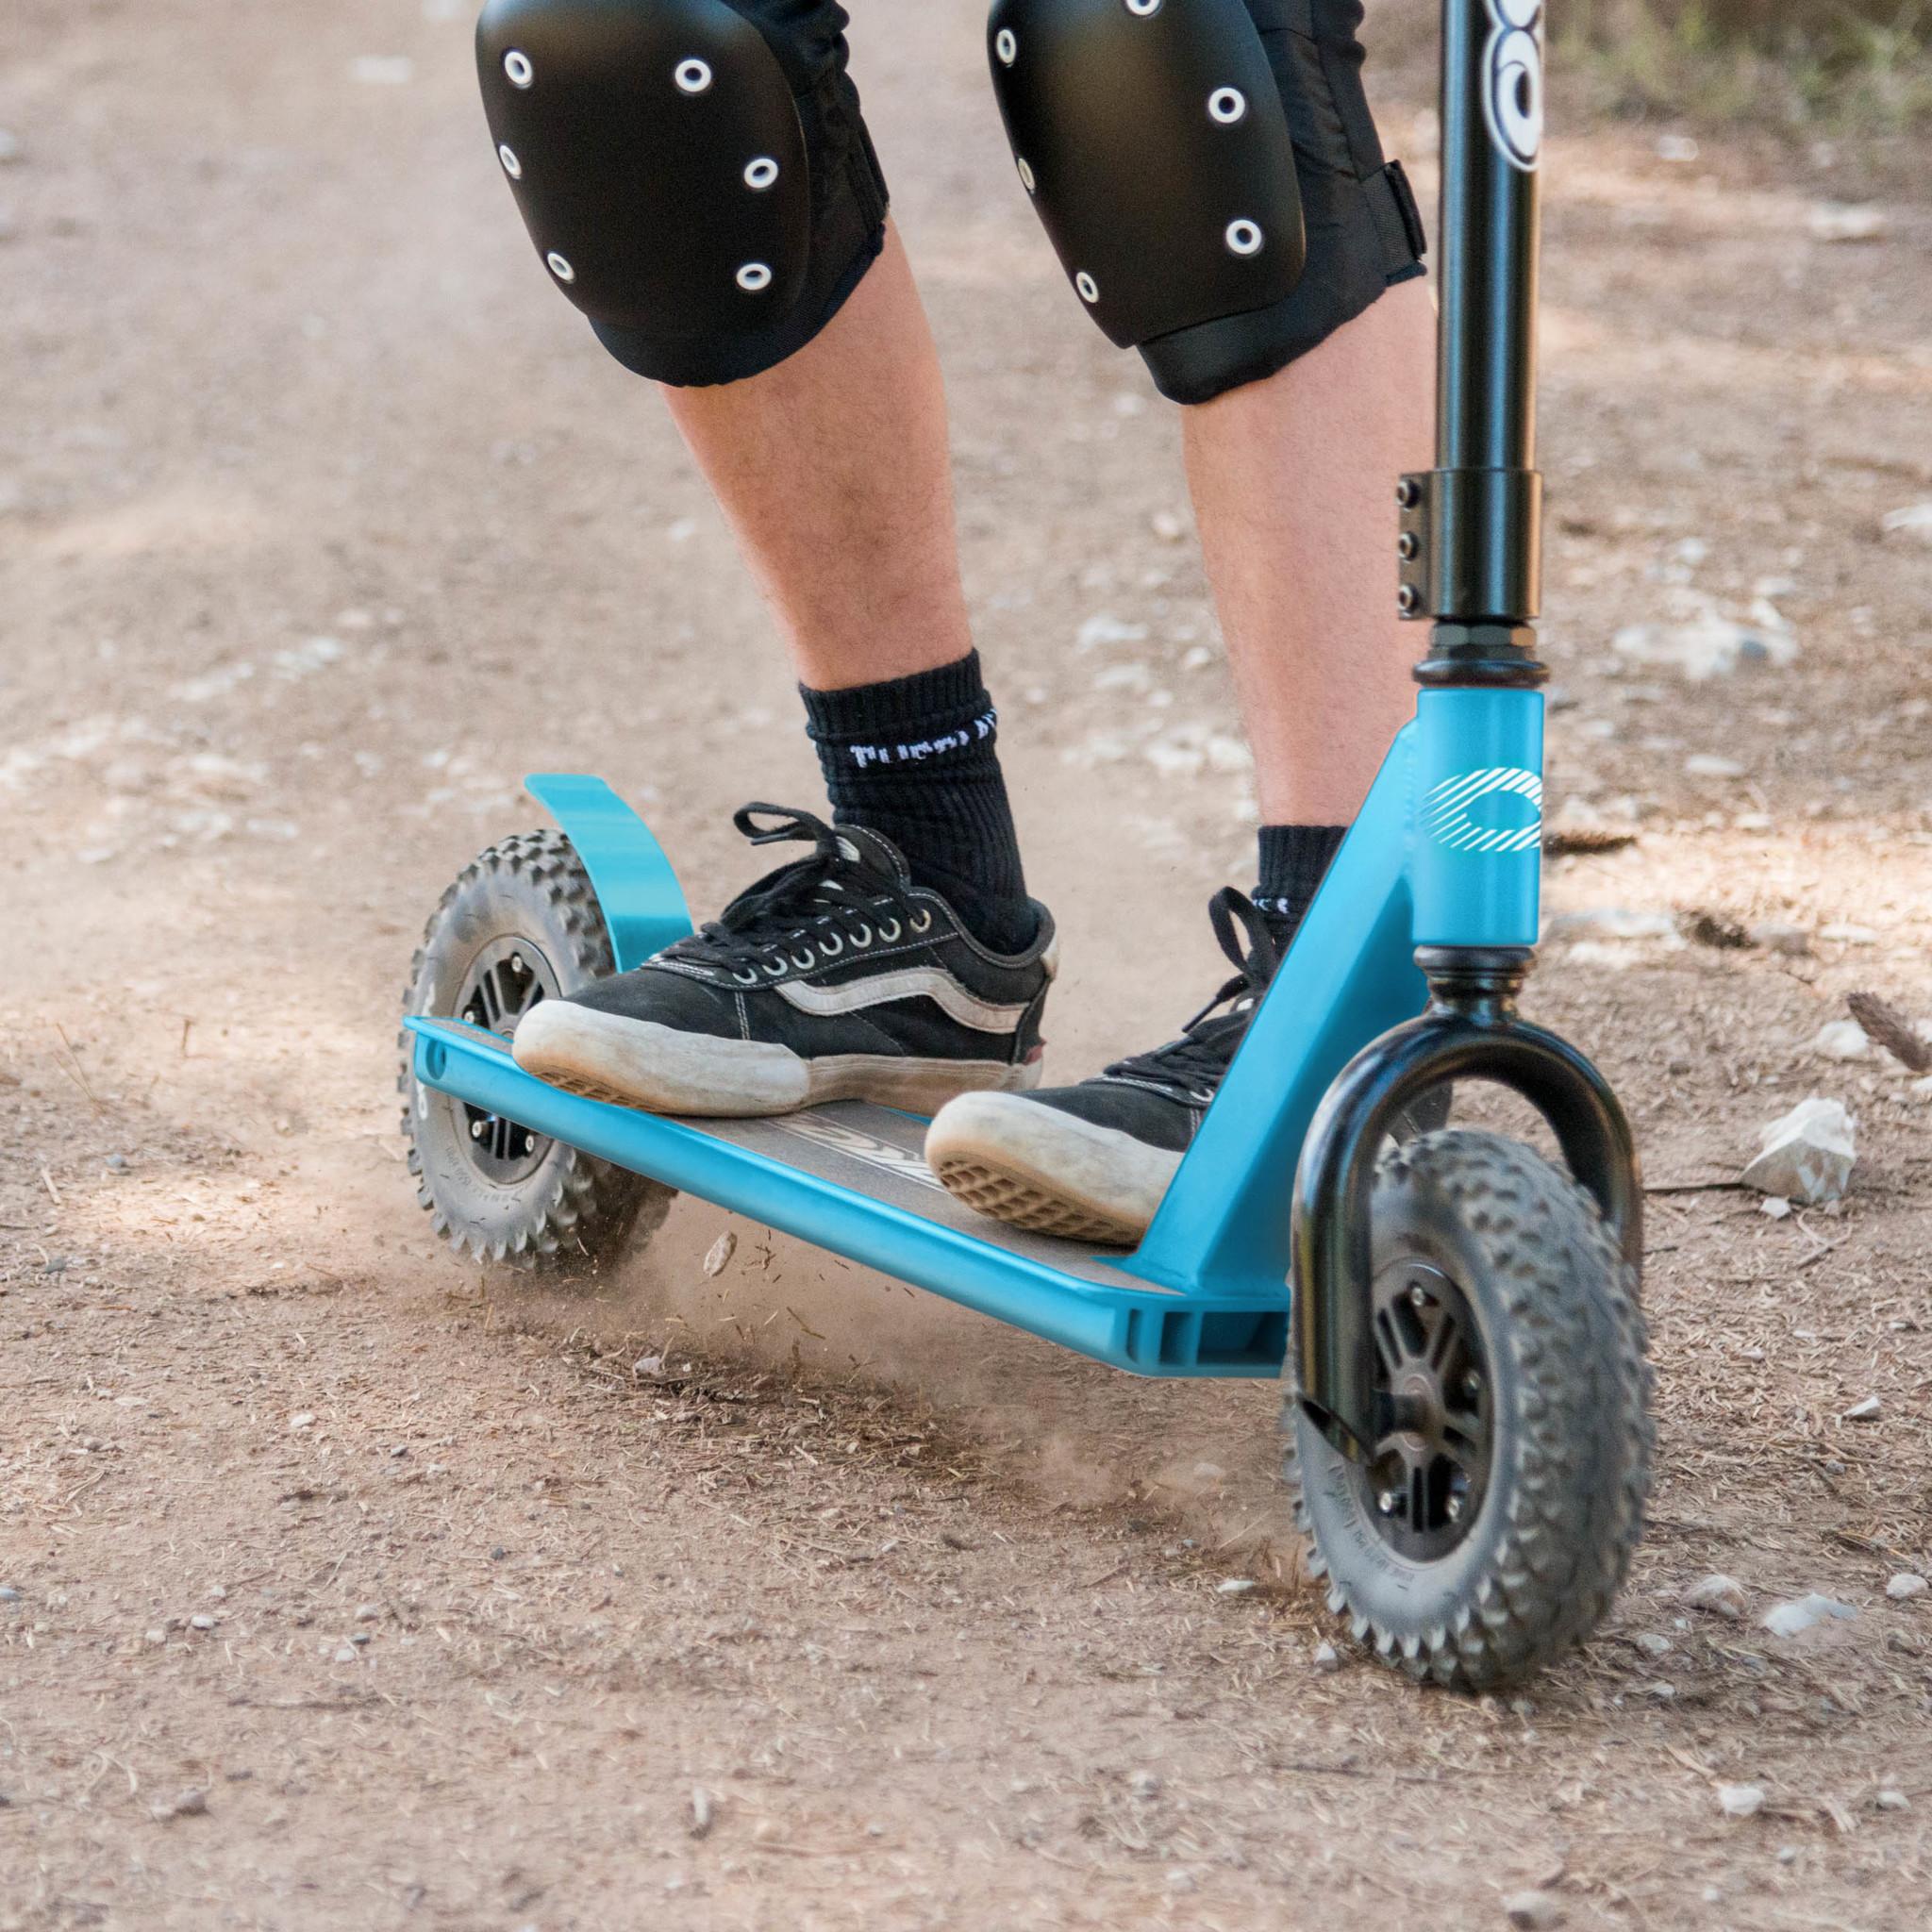 SK2004 Osprey dirt scooter blue